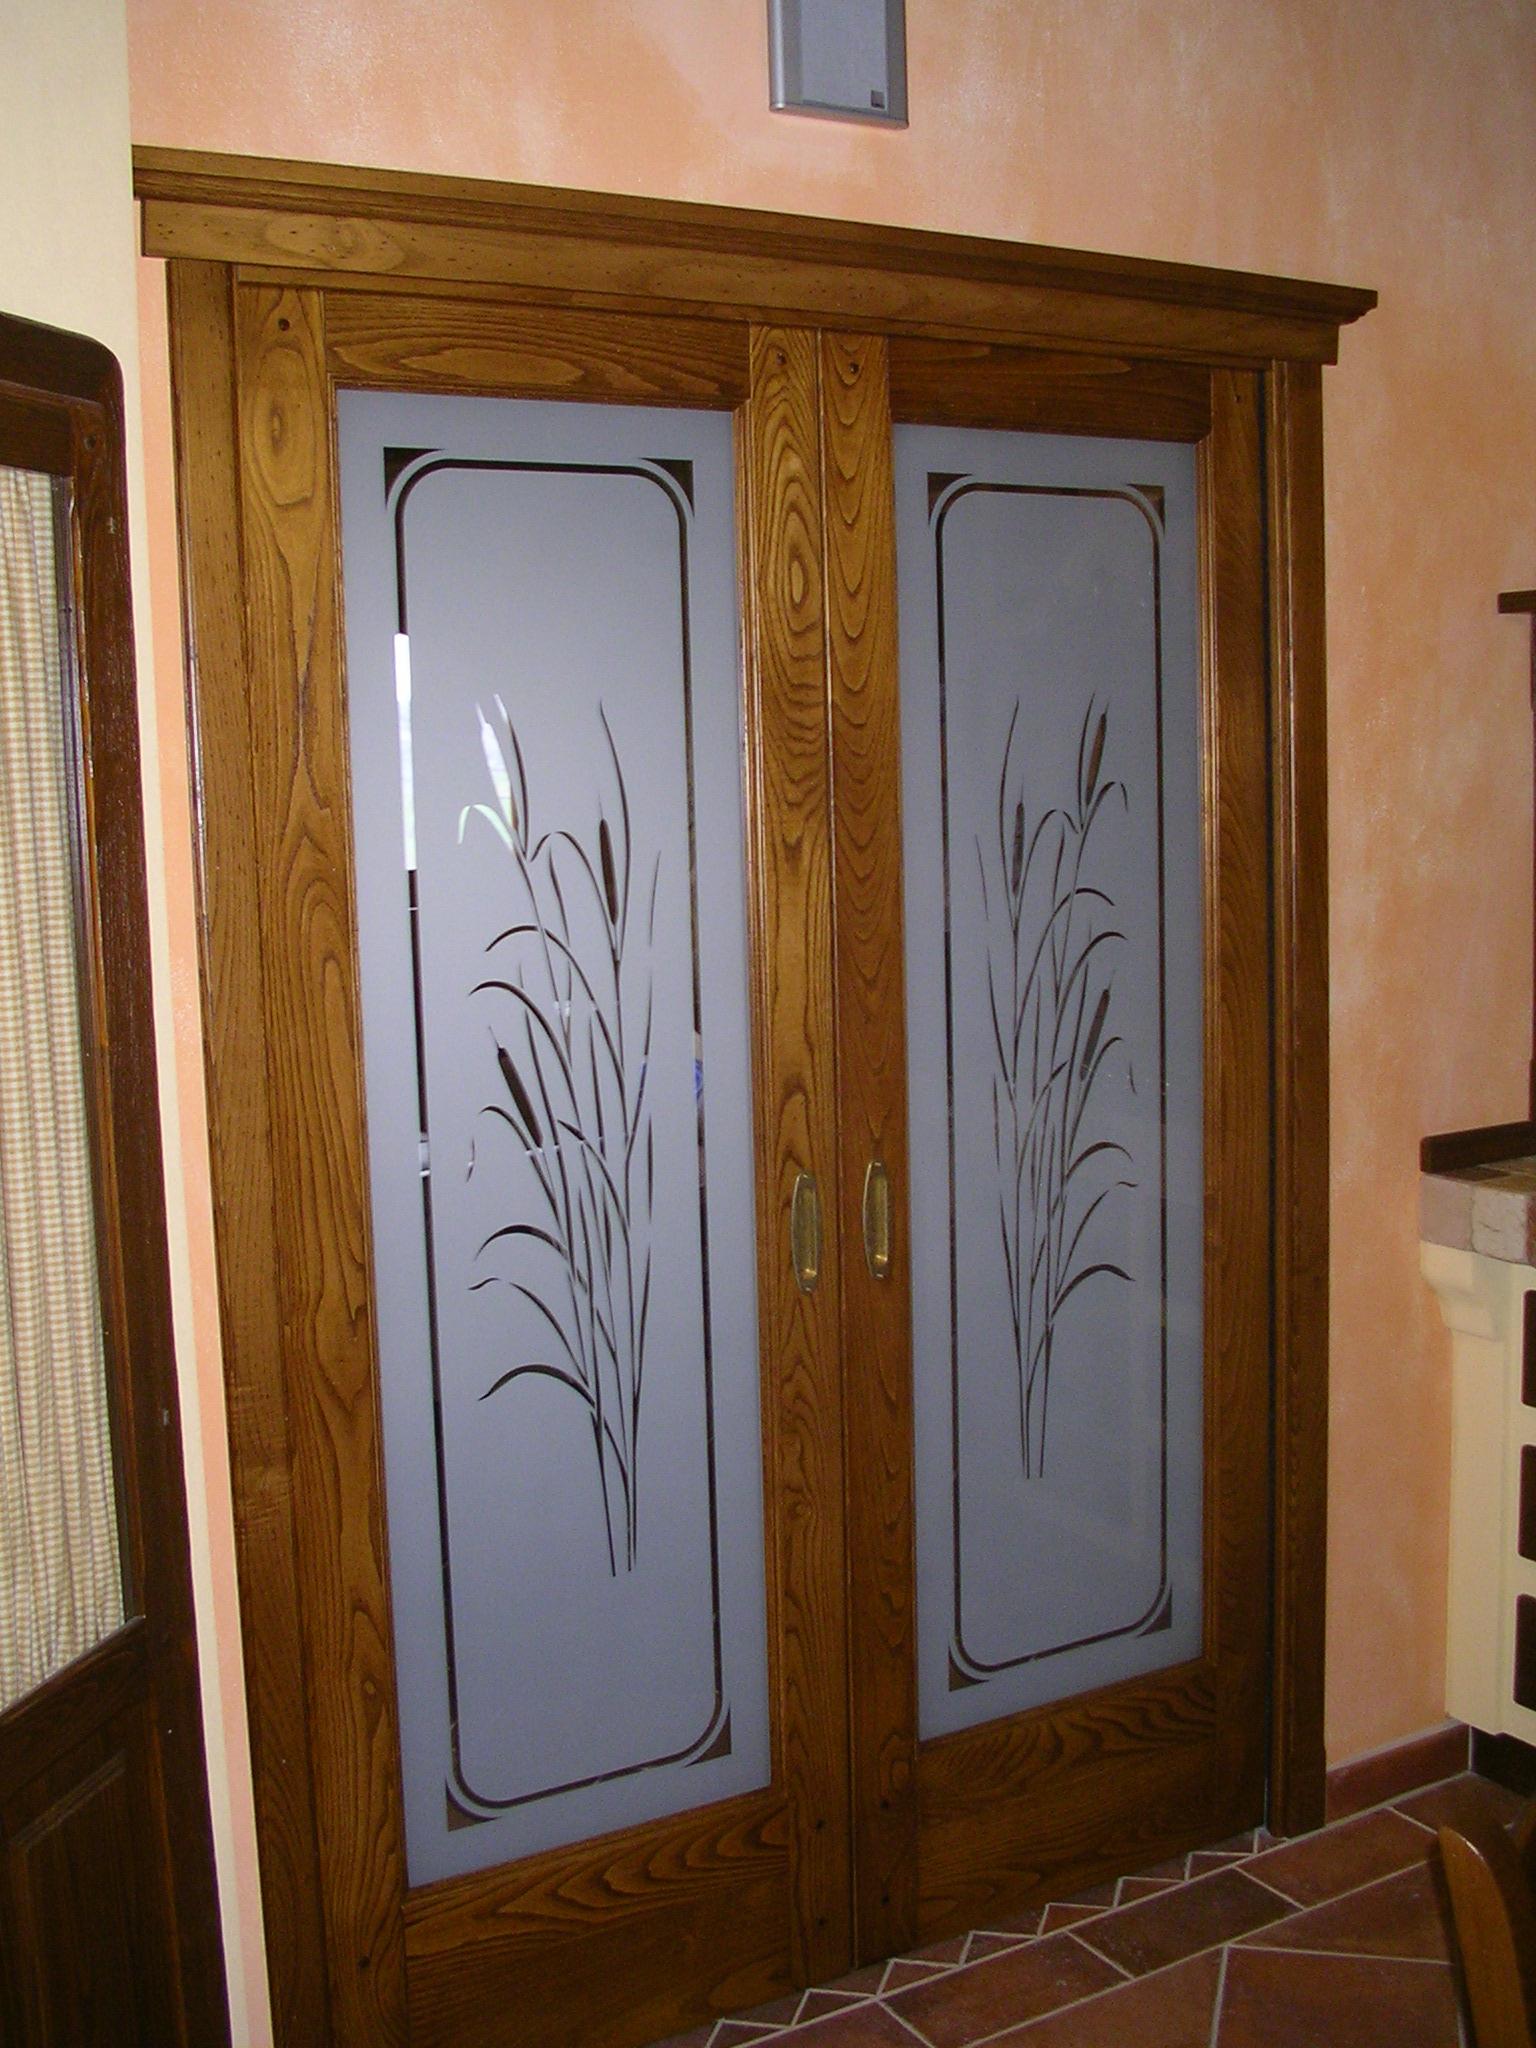 Dimensioni E Ingombri Delle Porte Interne - Dimensioni Porte A ...